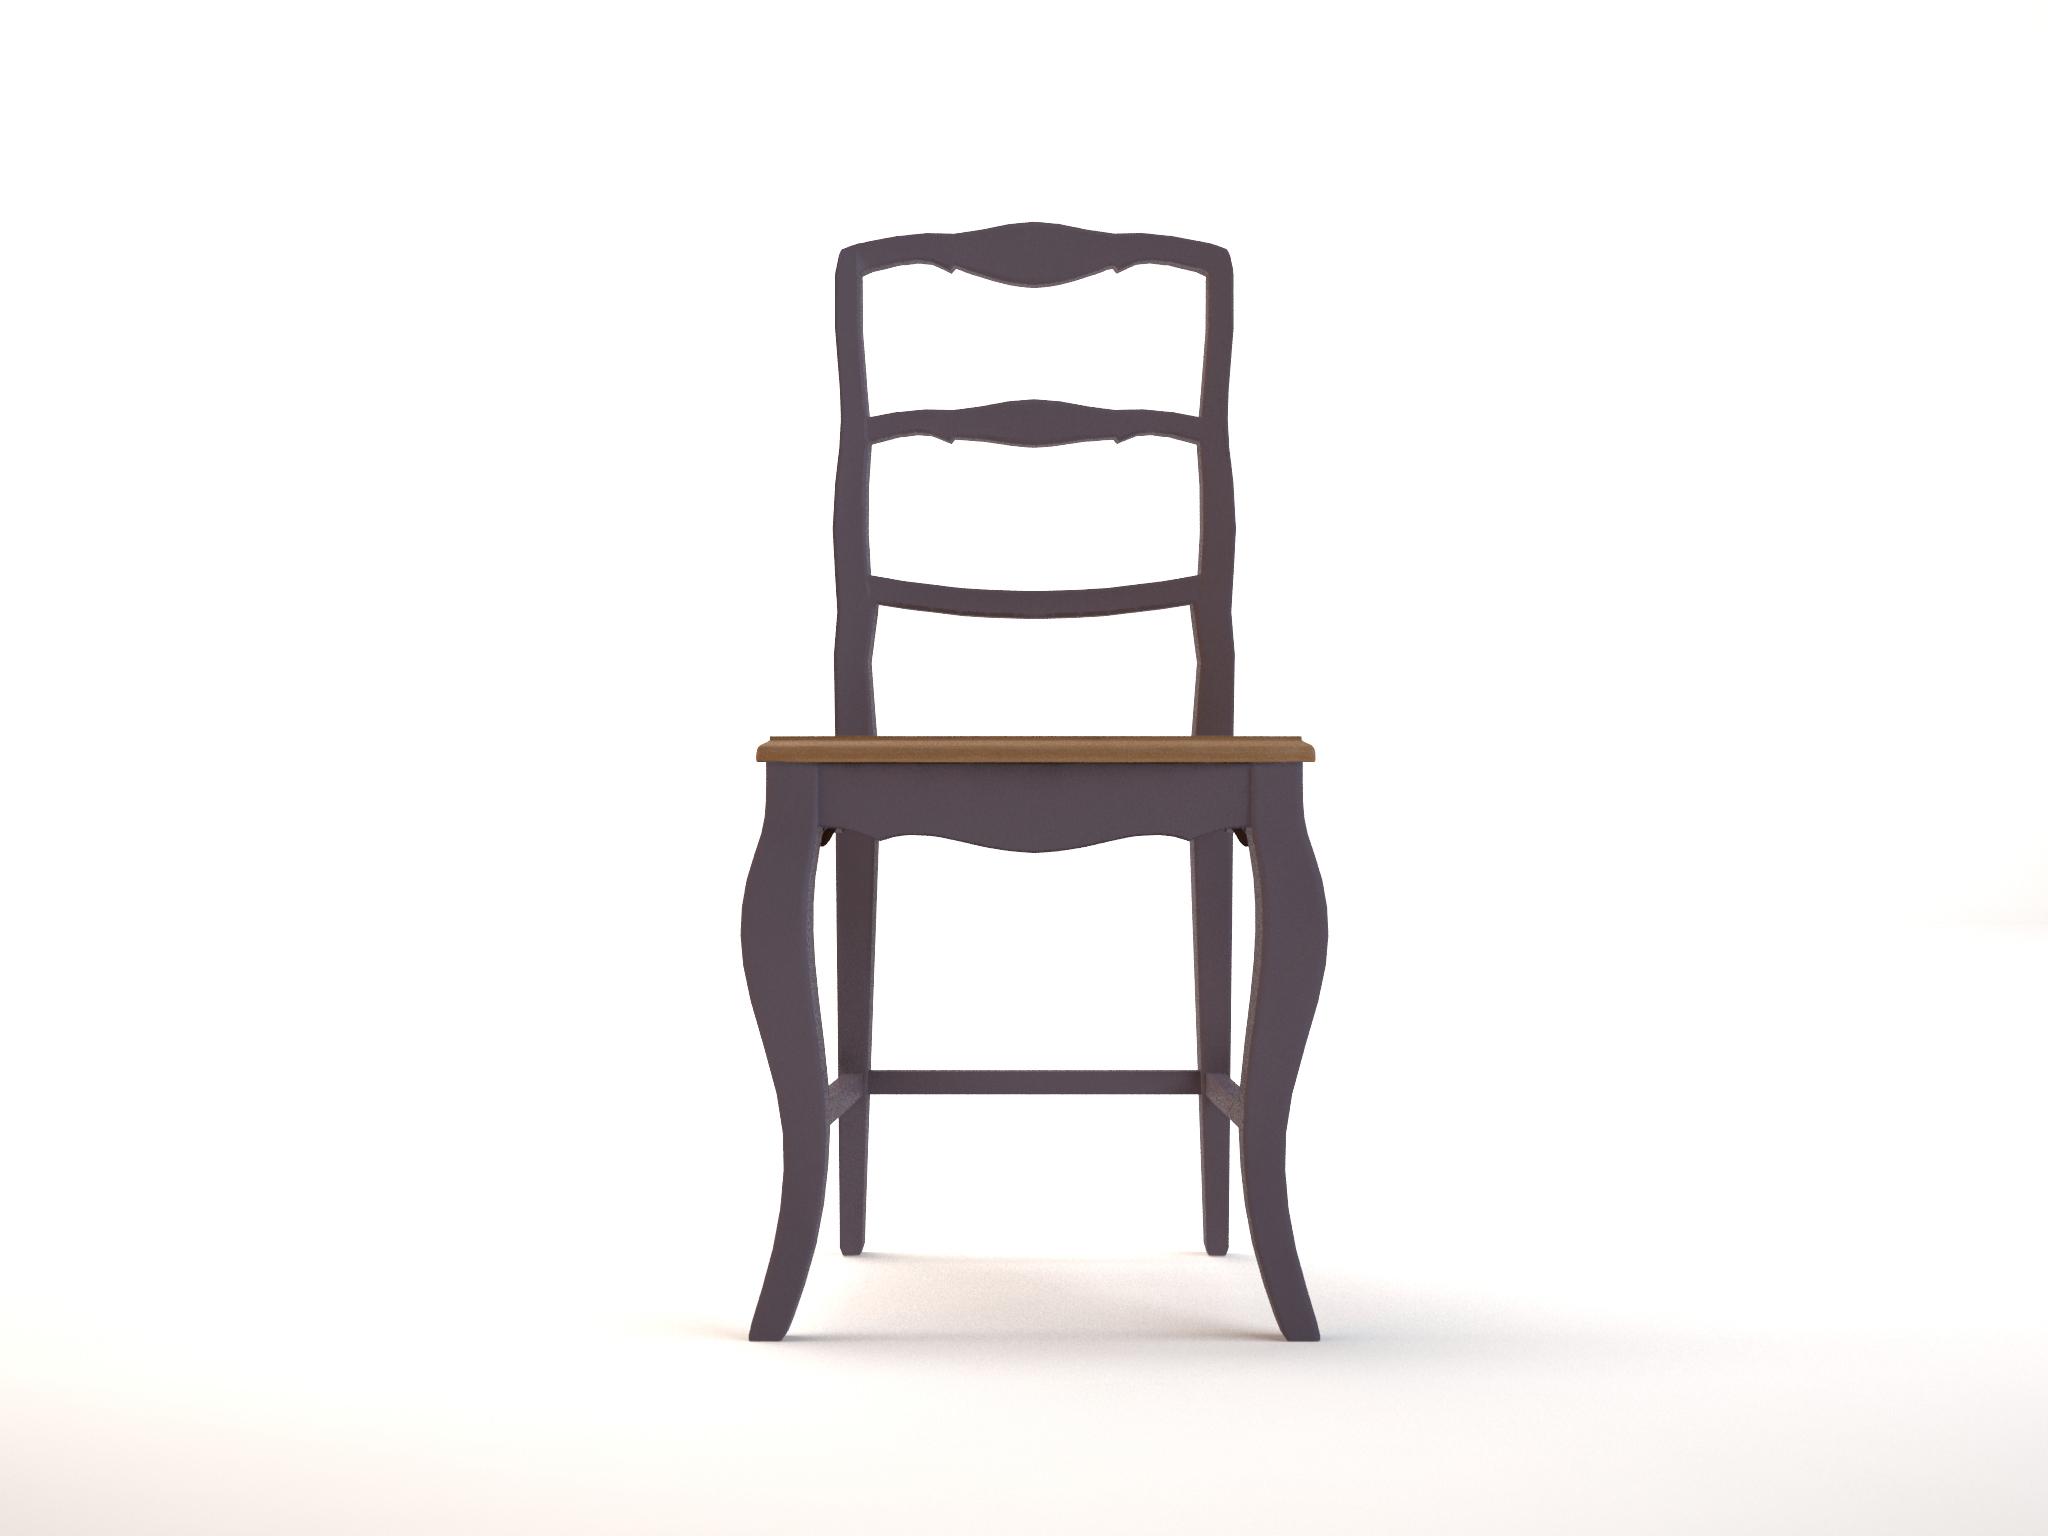 Стул Leontina lavandaОбеденные стулья<br>Материал: массив березы, массив ясеня.&amp;lt;div&amp;gt;Вес: 7  кг.&amp;lt;/div&amp;gt;&amp;lt;div&amp;gt;&amp;lt;br&amp;gt;&amp;lt;/div&amp;gt;<br><br>Material: Береза<br>Width см: 47<br>Depth см: 47<br>Height см: 90